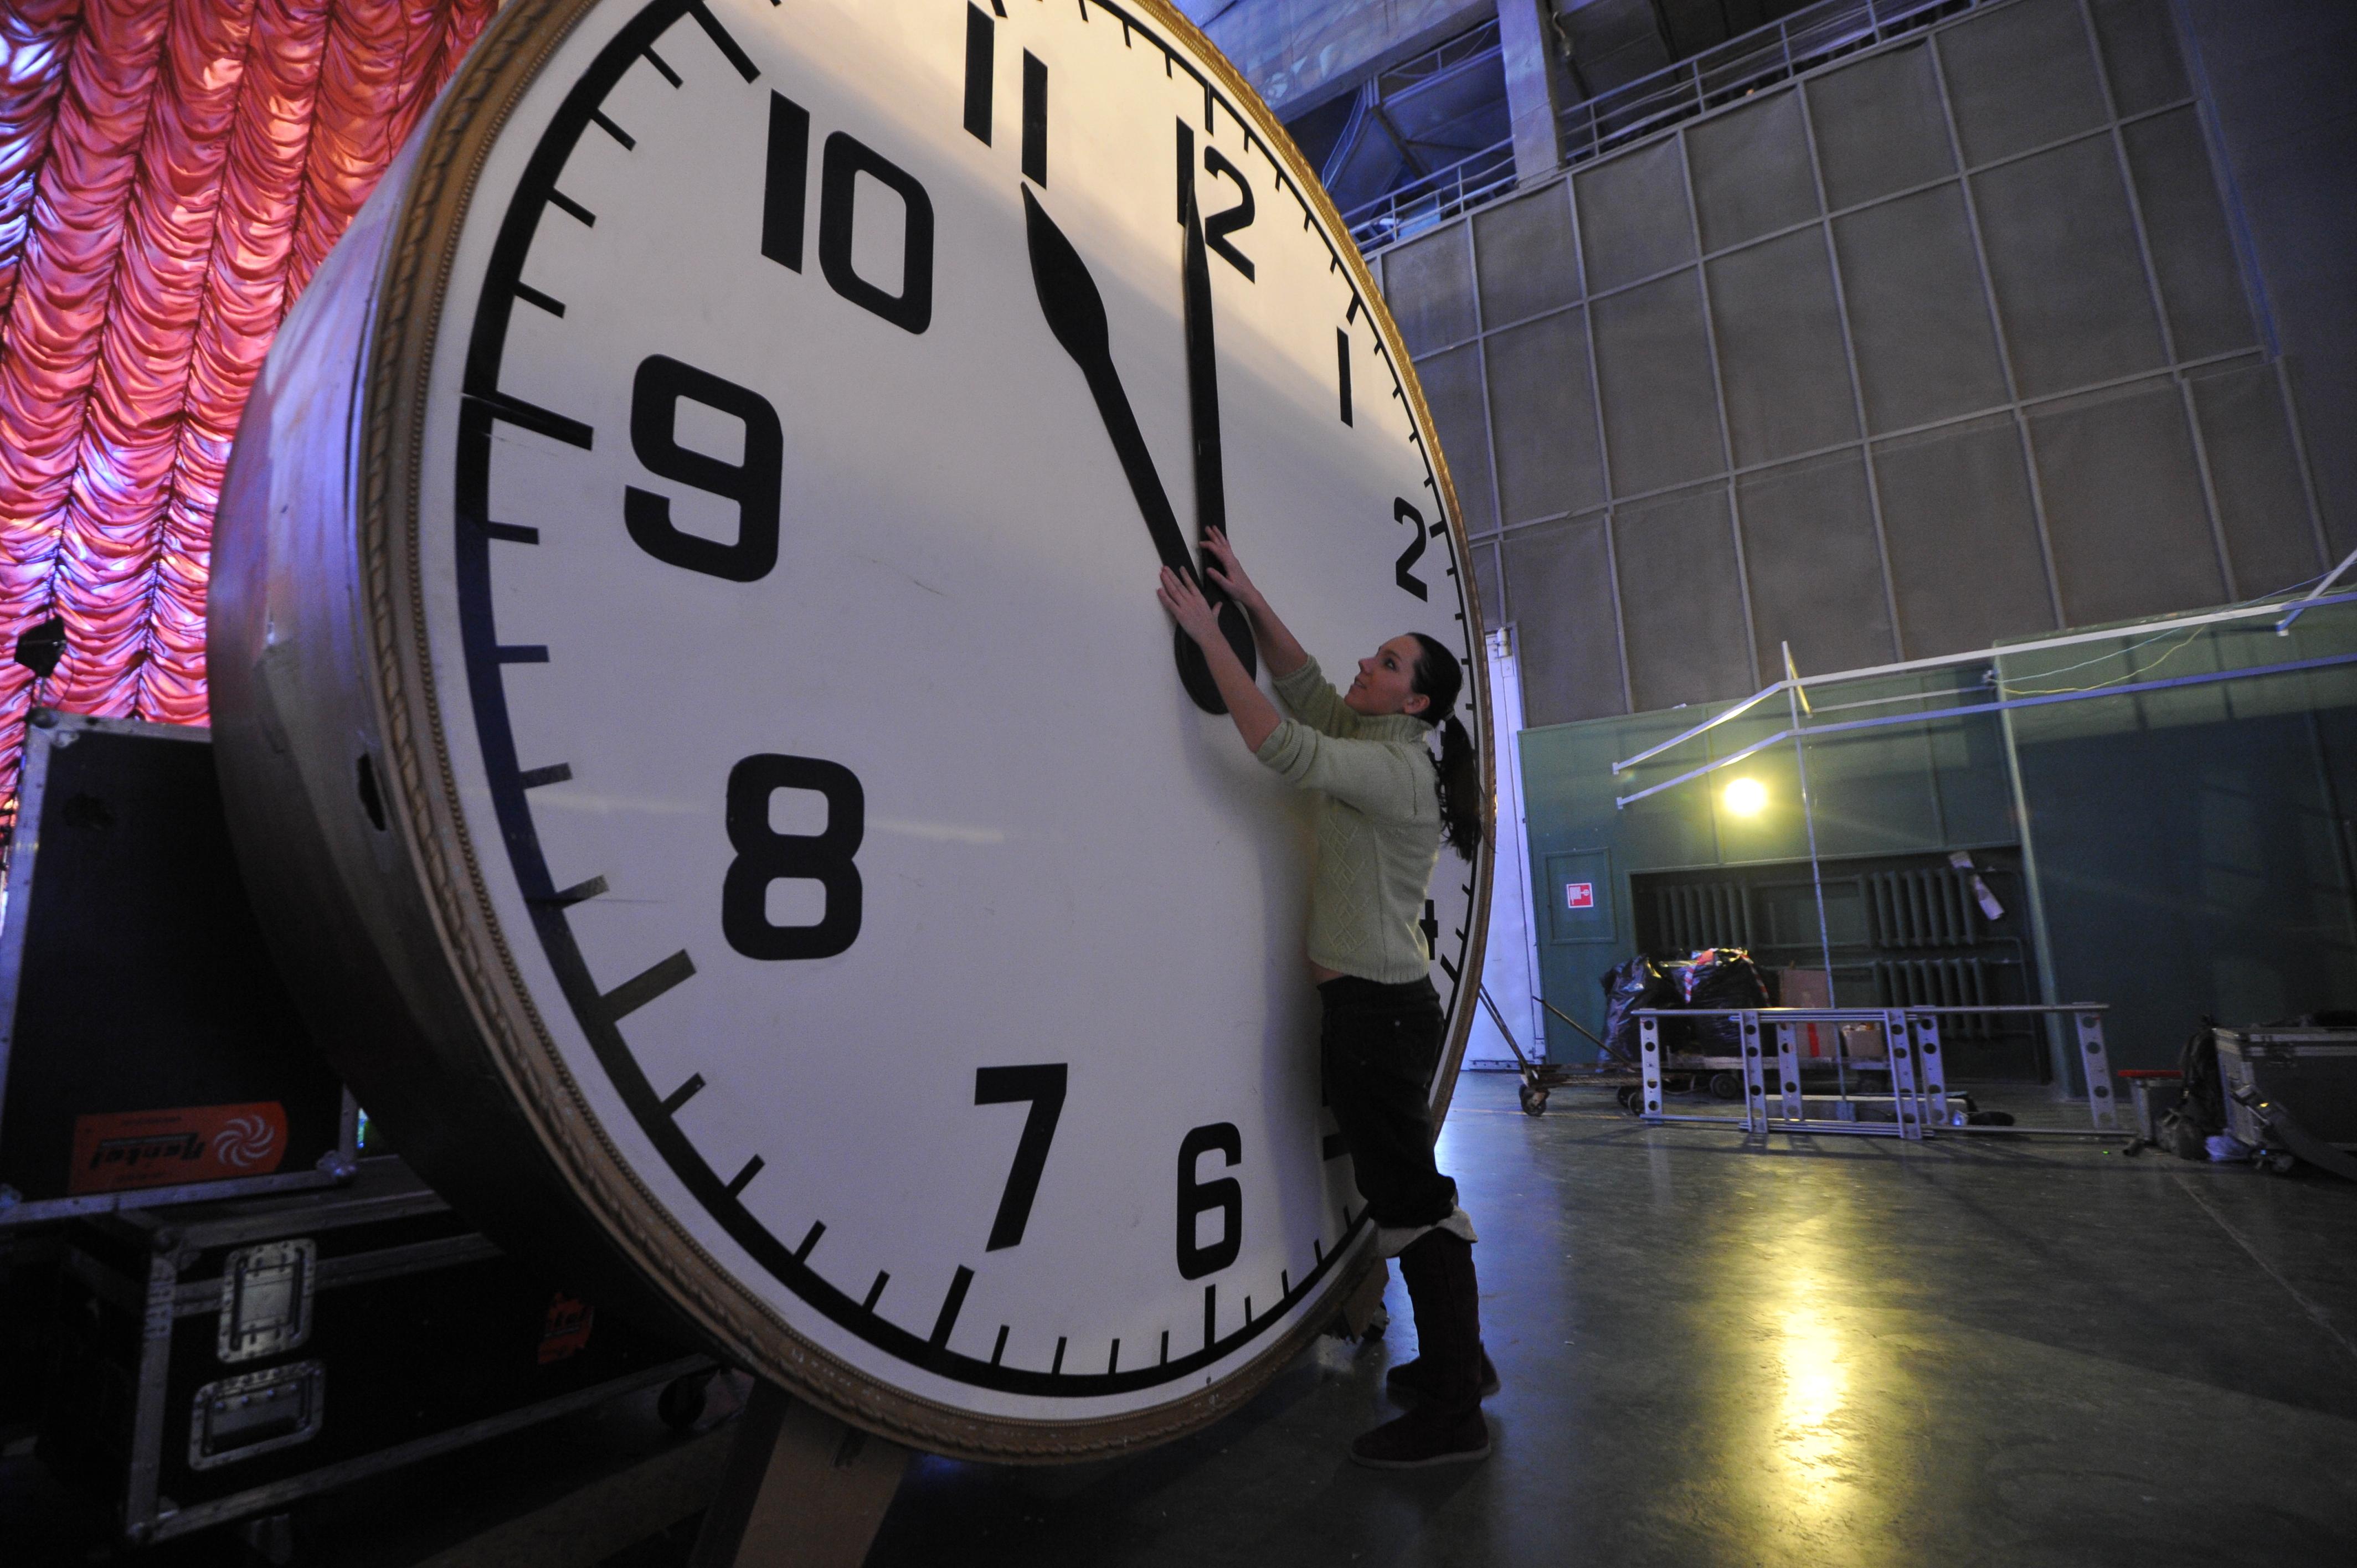 Государственная дума утвердила закон опереводе времени вСаратовской области начас вперёд